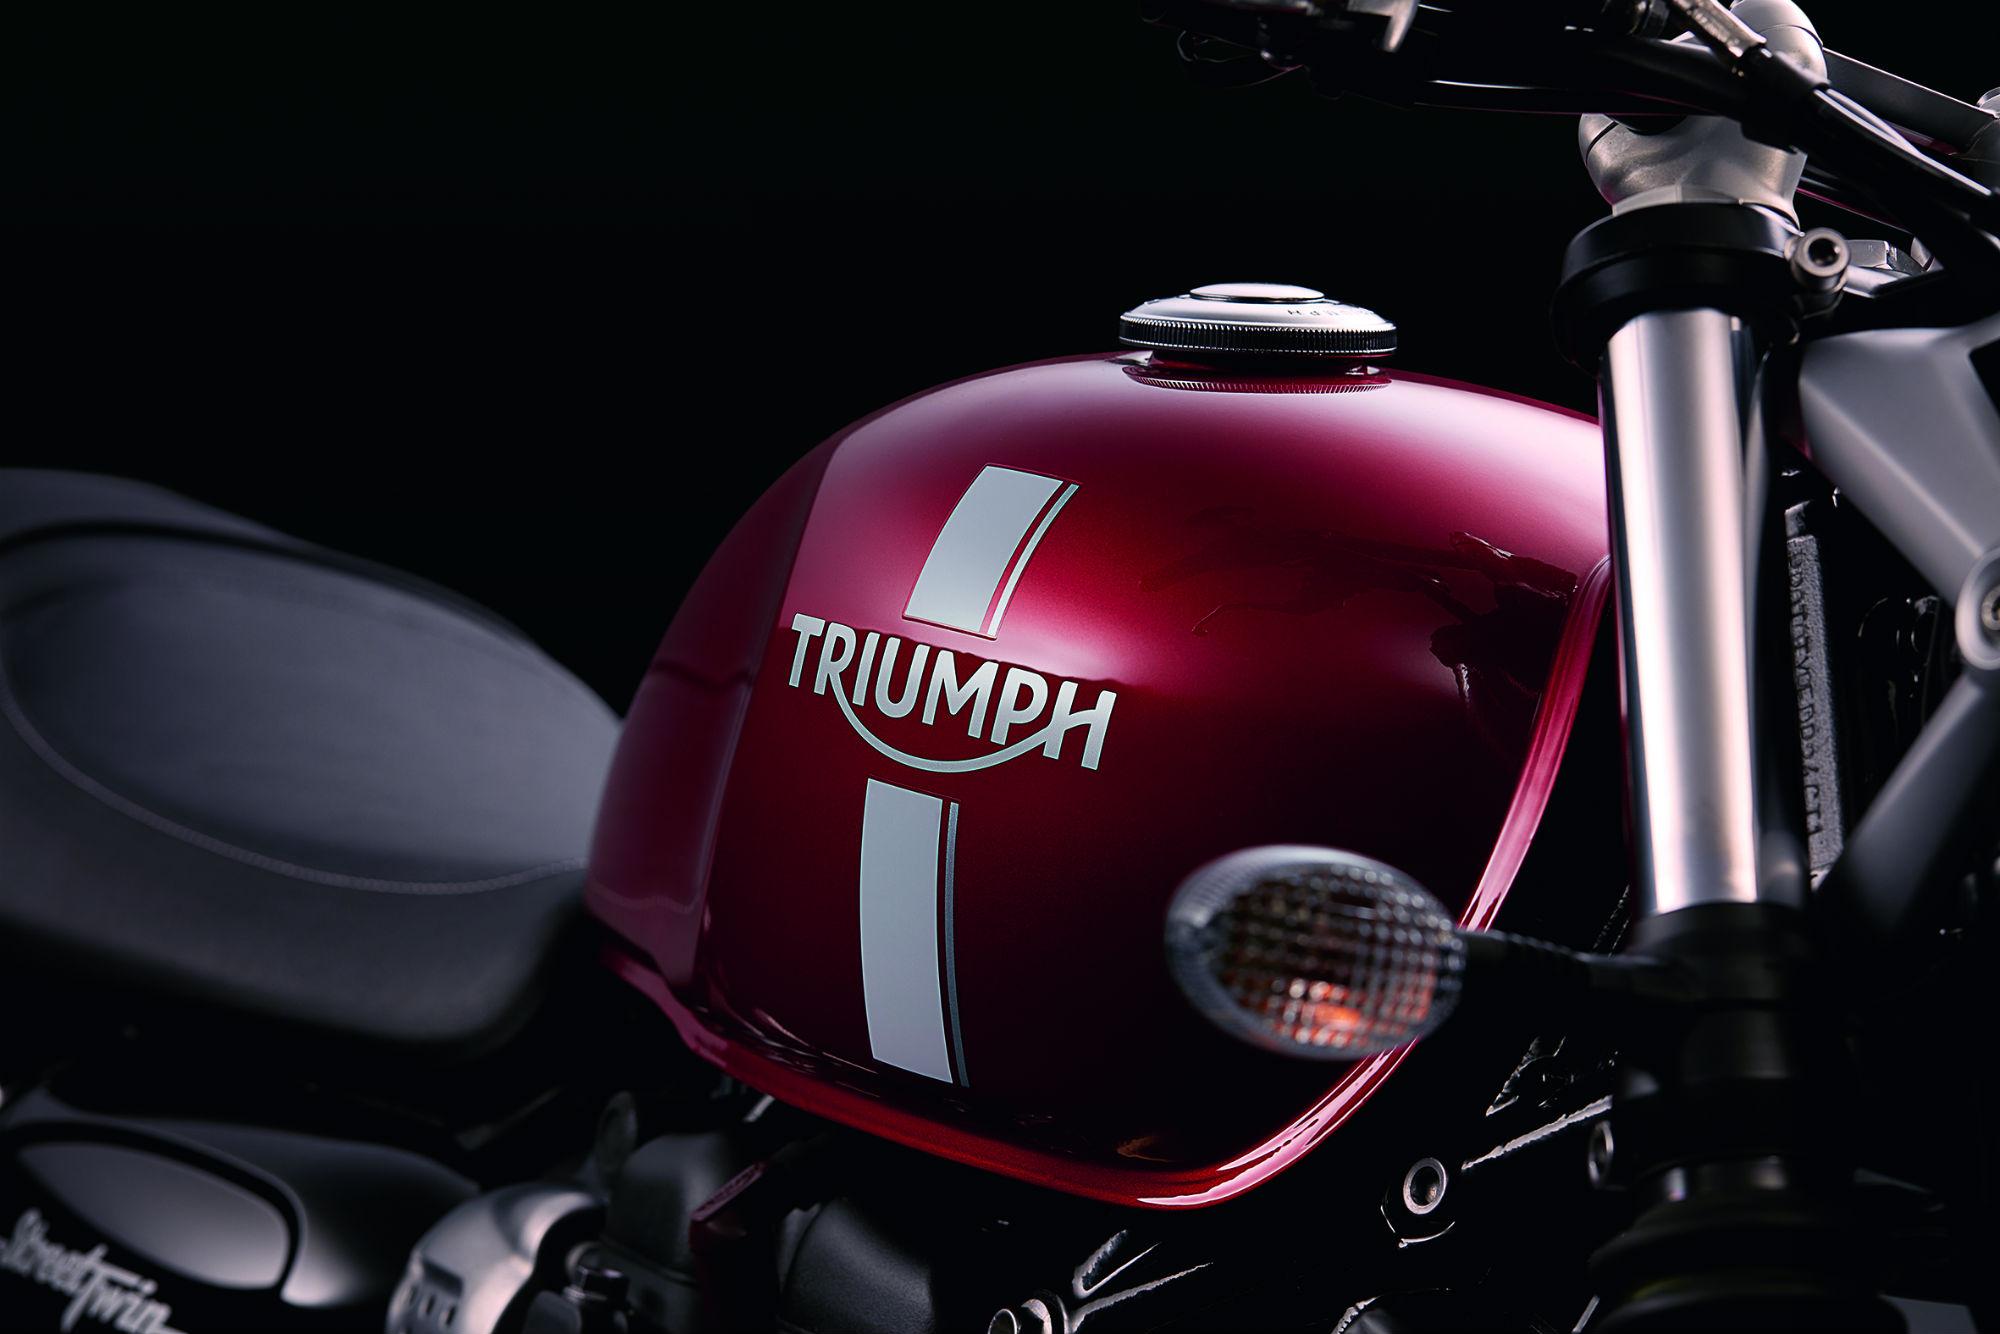 New Triumph Bonneville family revealed